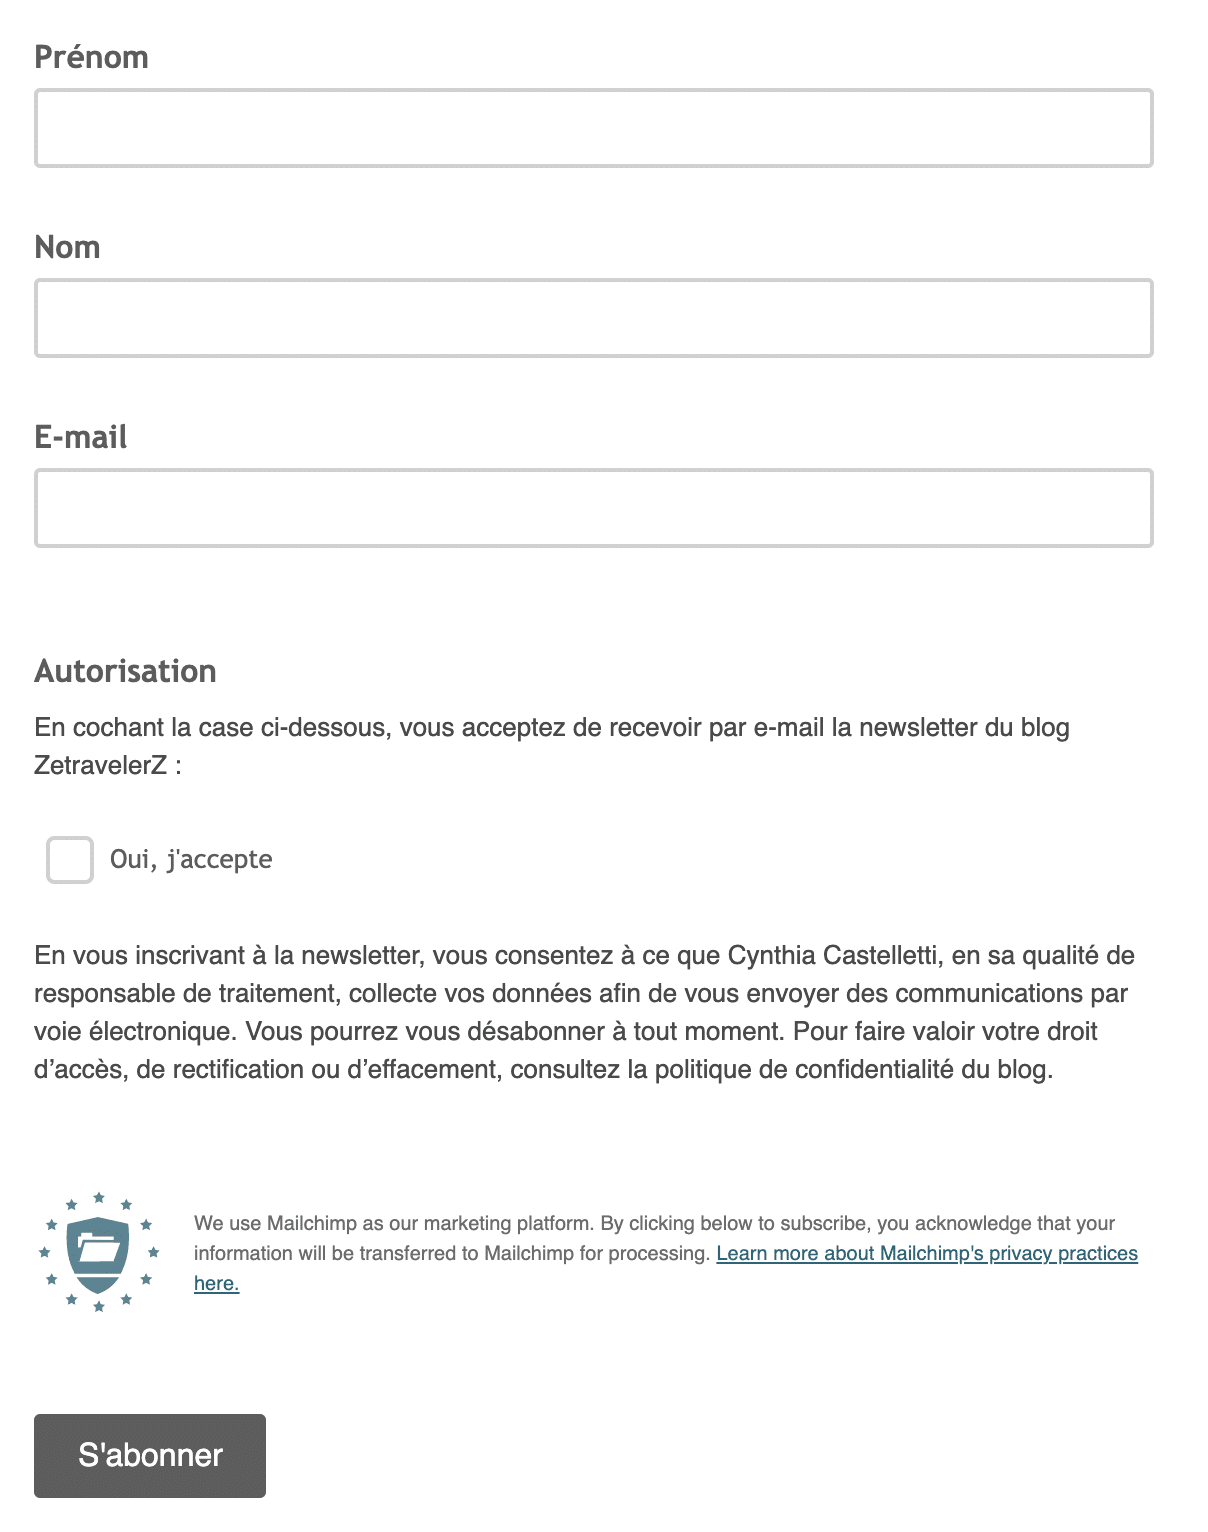 Formulaire d'inscription à la newsletter du blog zetravelerz.com